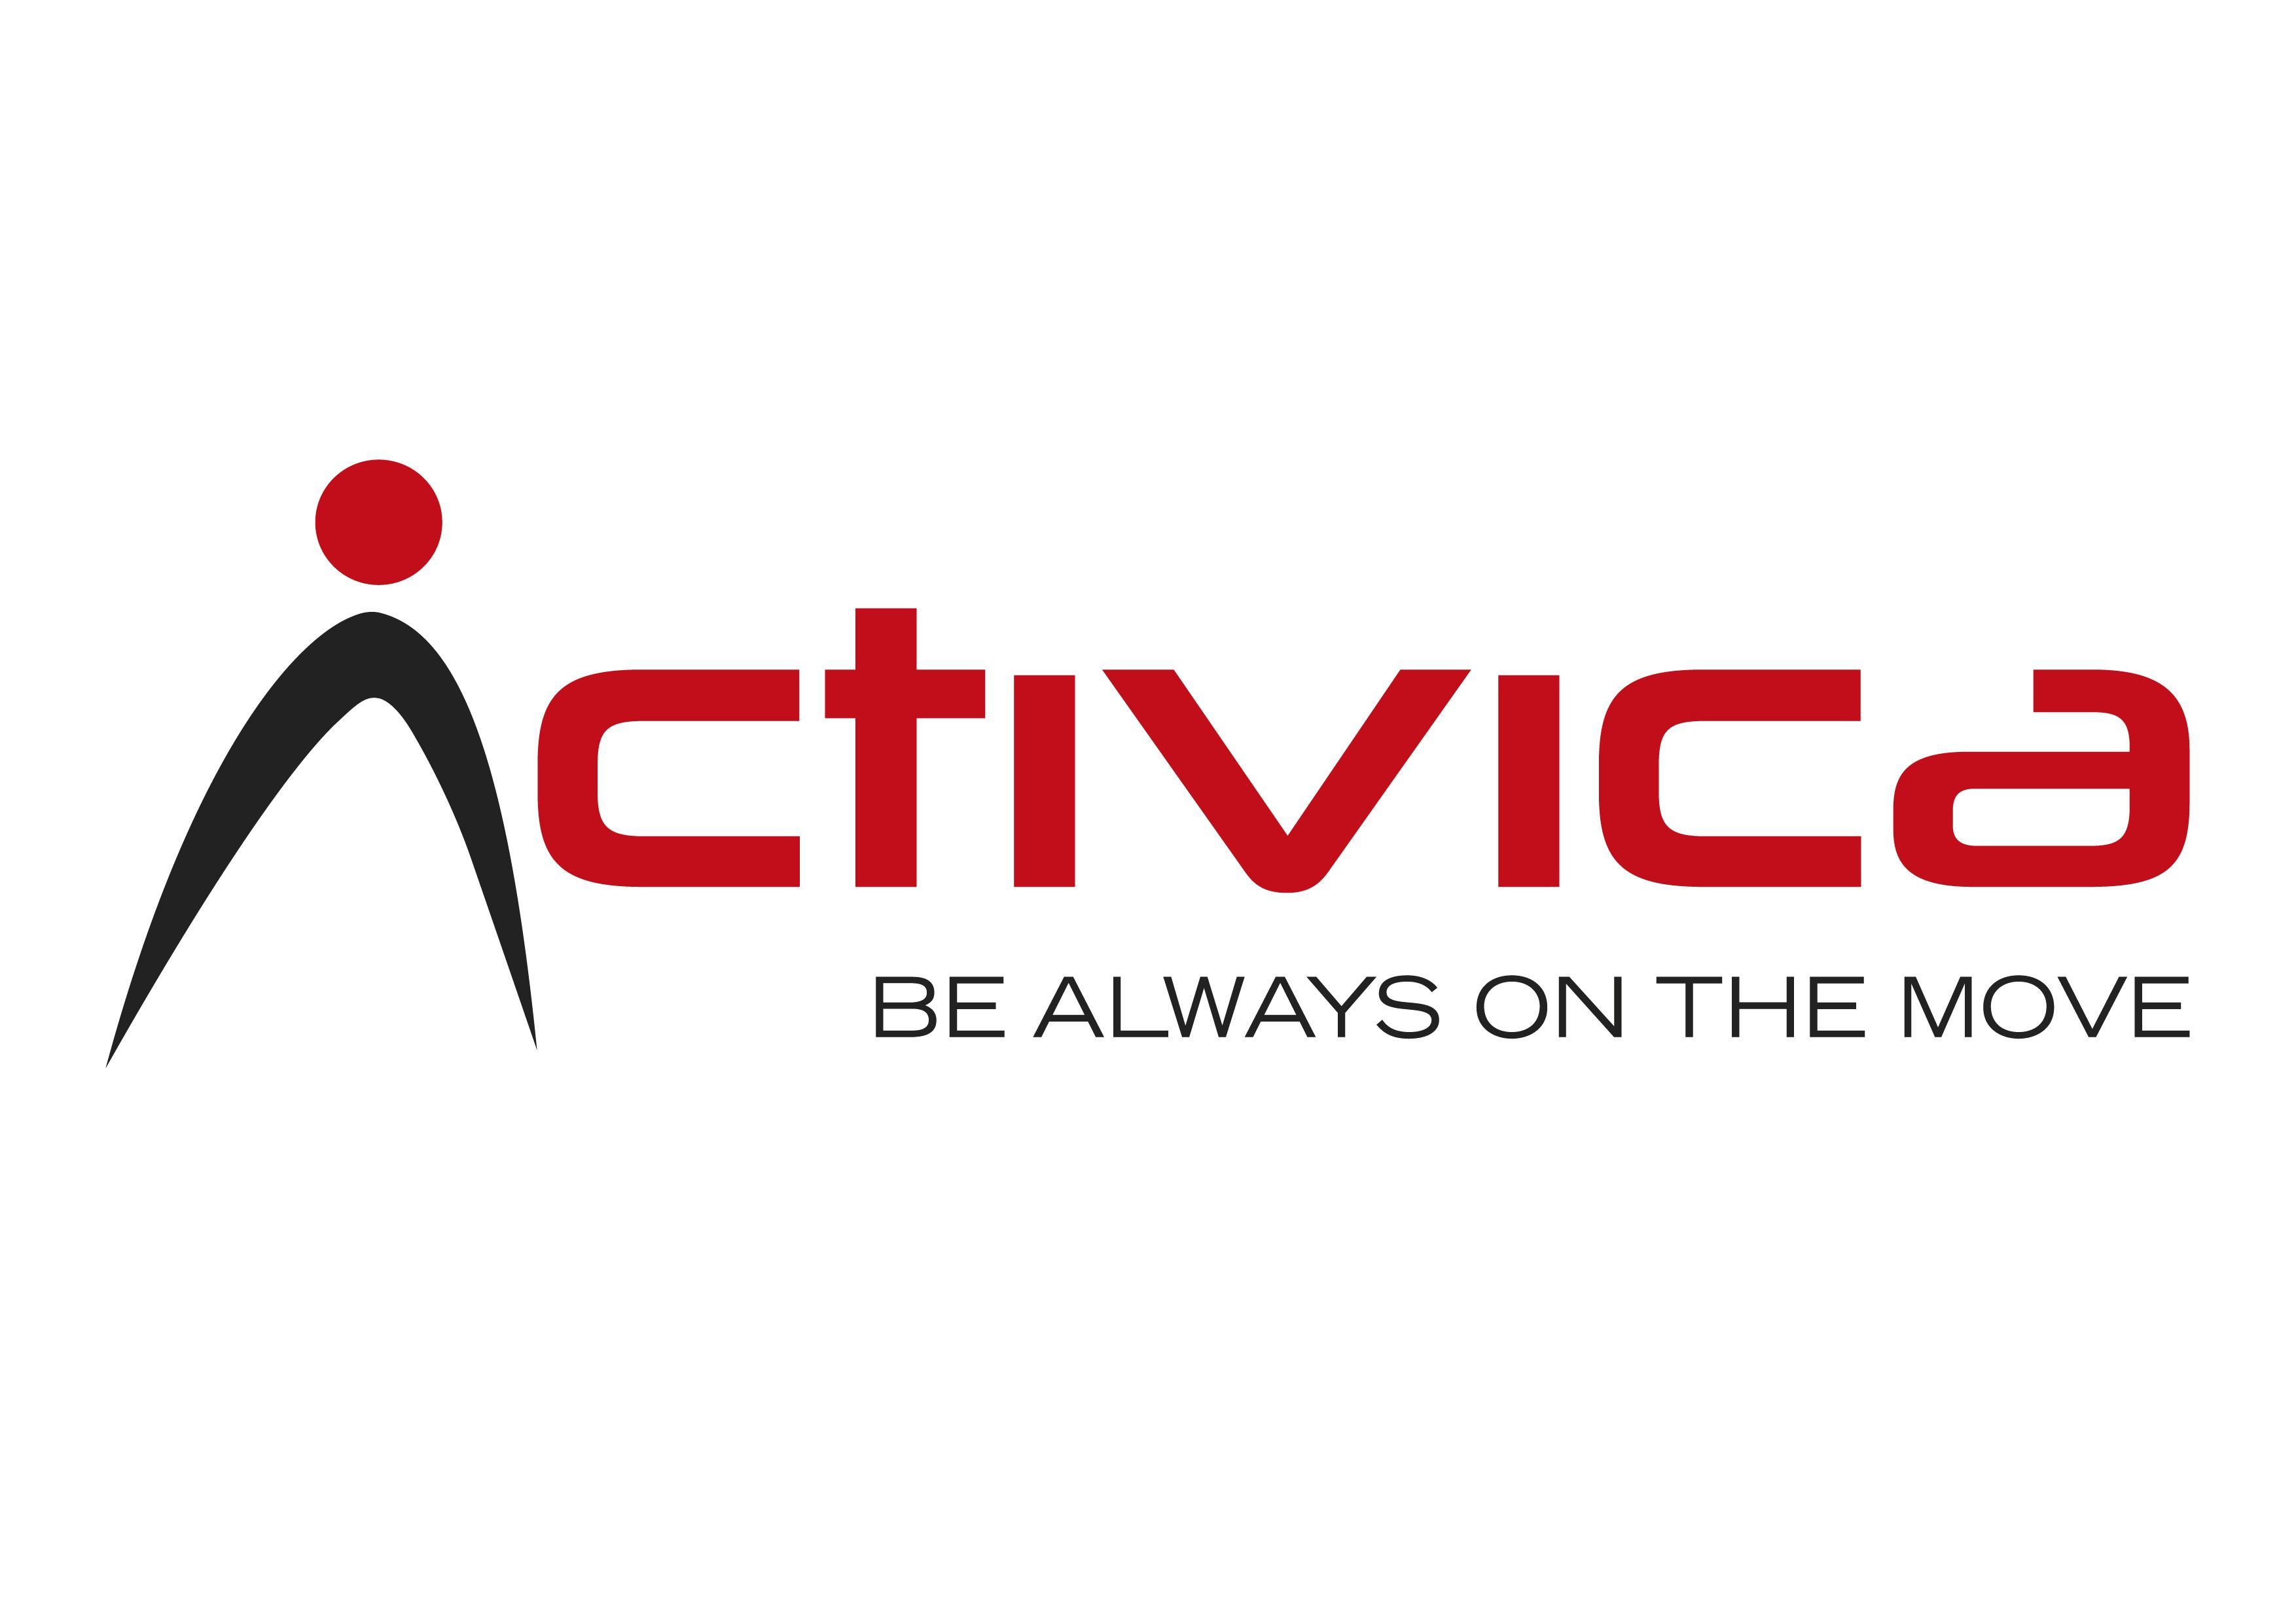 También hicimos el logotipo de Activica como identidad corporativa.